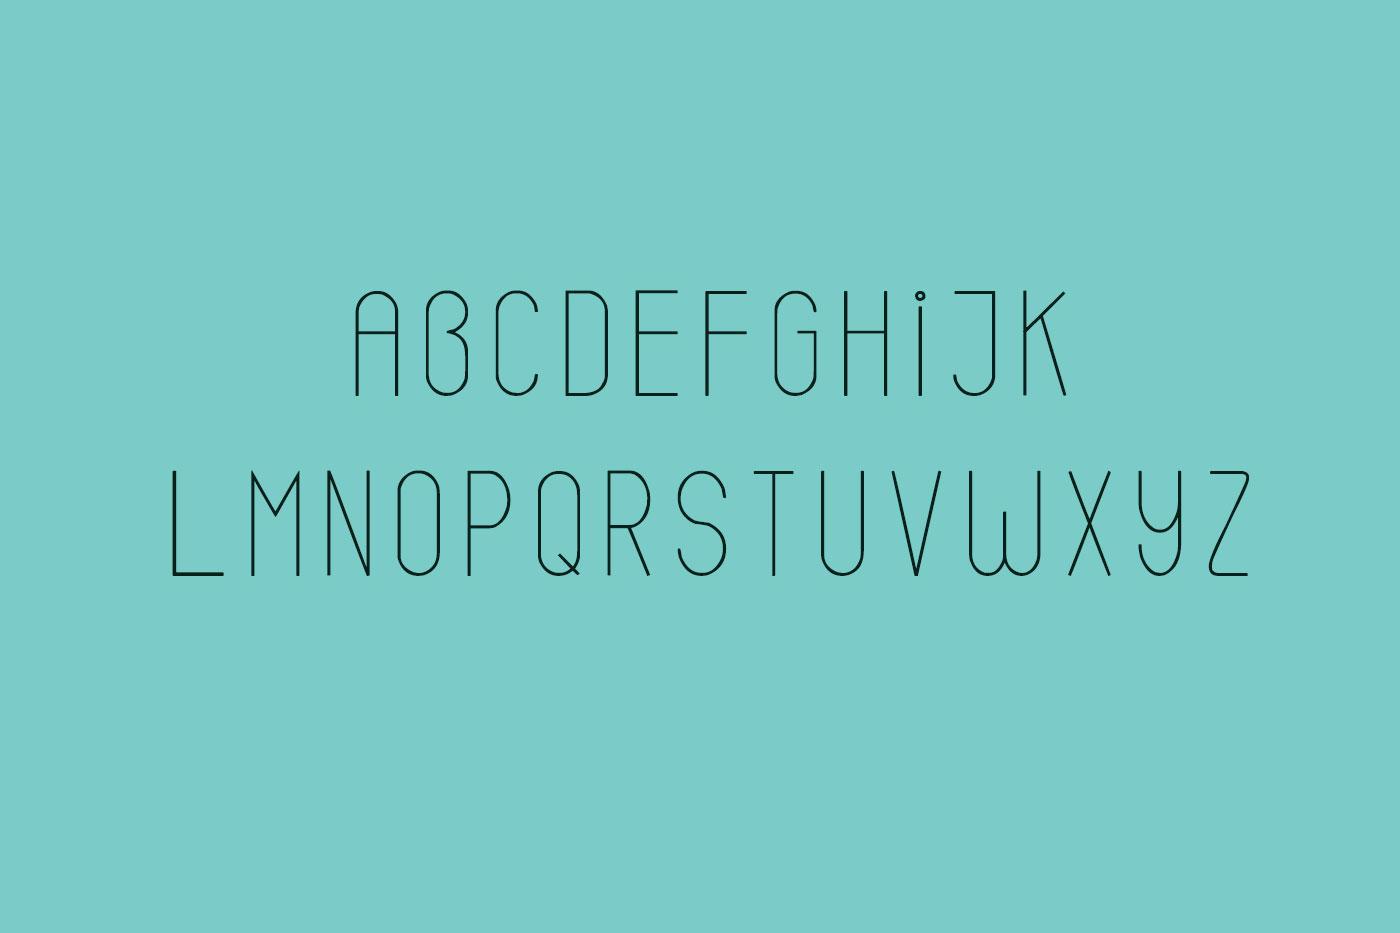 Emery sans serif typeface example image 4